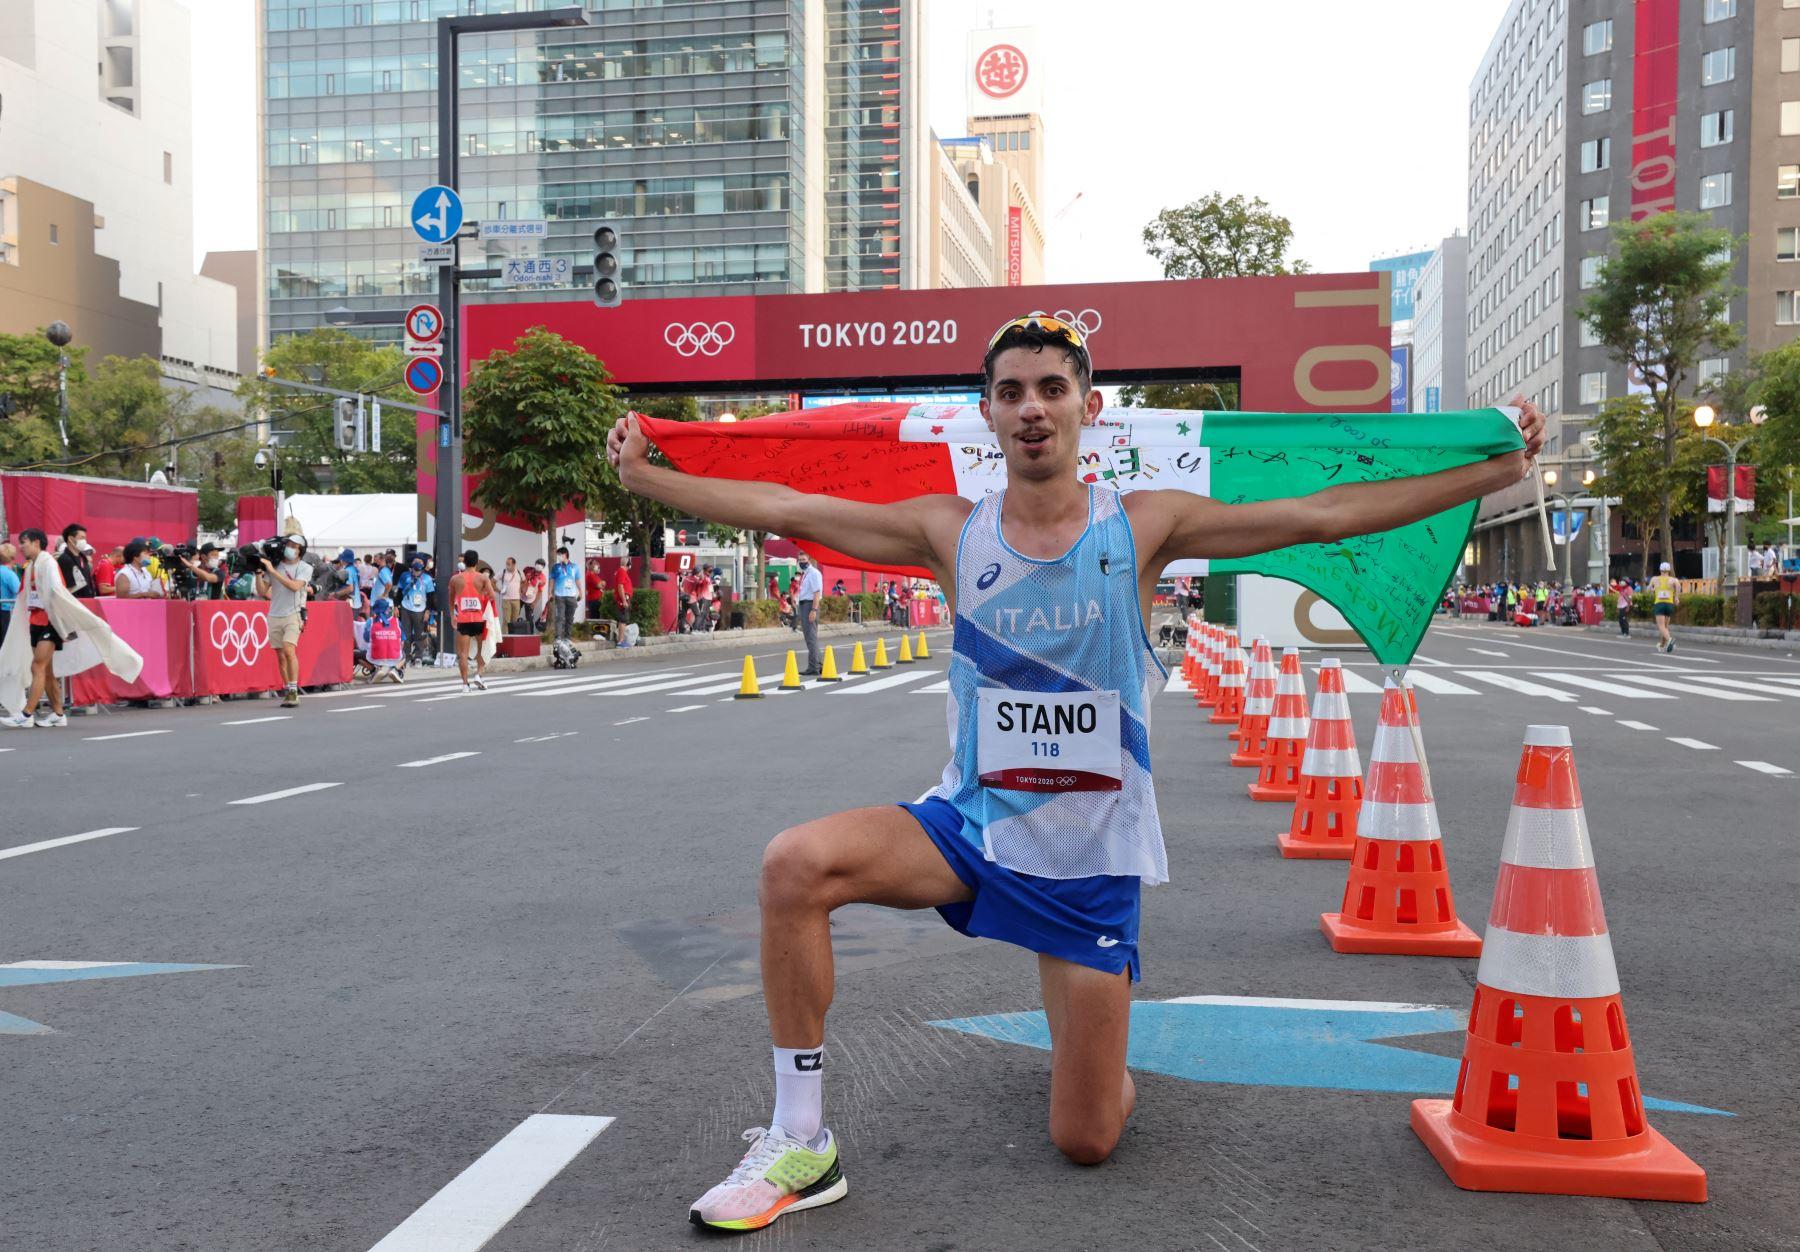 Massimo Stano de Italia celebra después de ganar la final masculina de 20 km a pie durante los Juegos Olímpicos de Tokio 2020 en el Parque Sapporo Odori. Foto:AFP